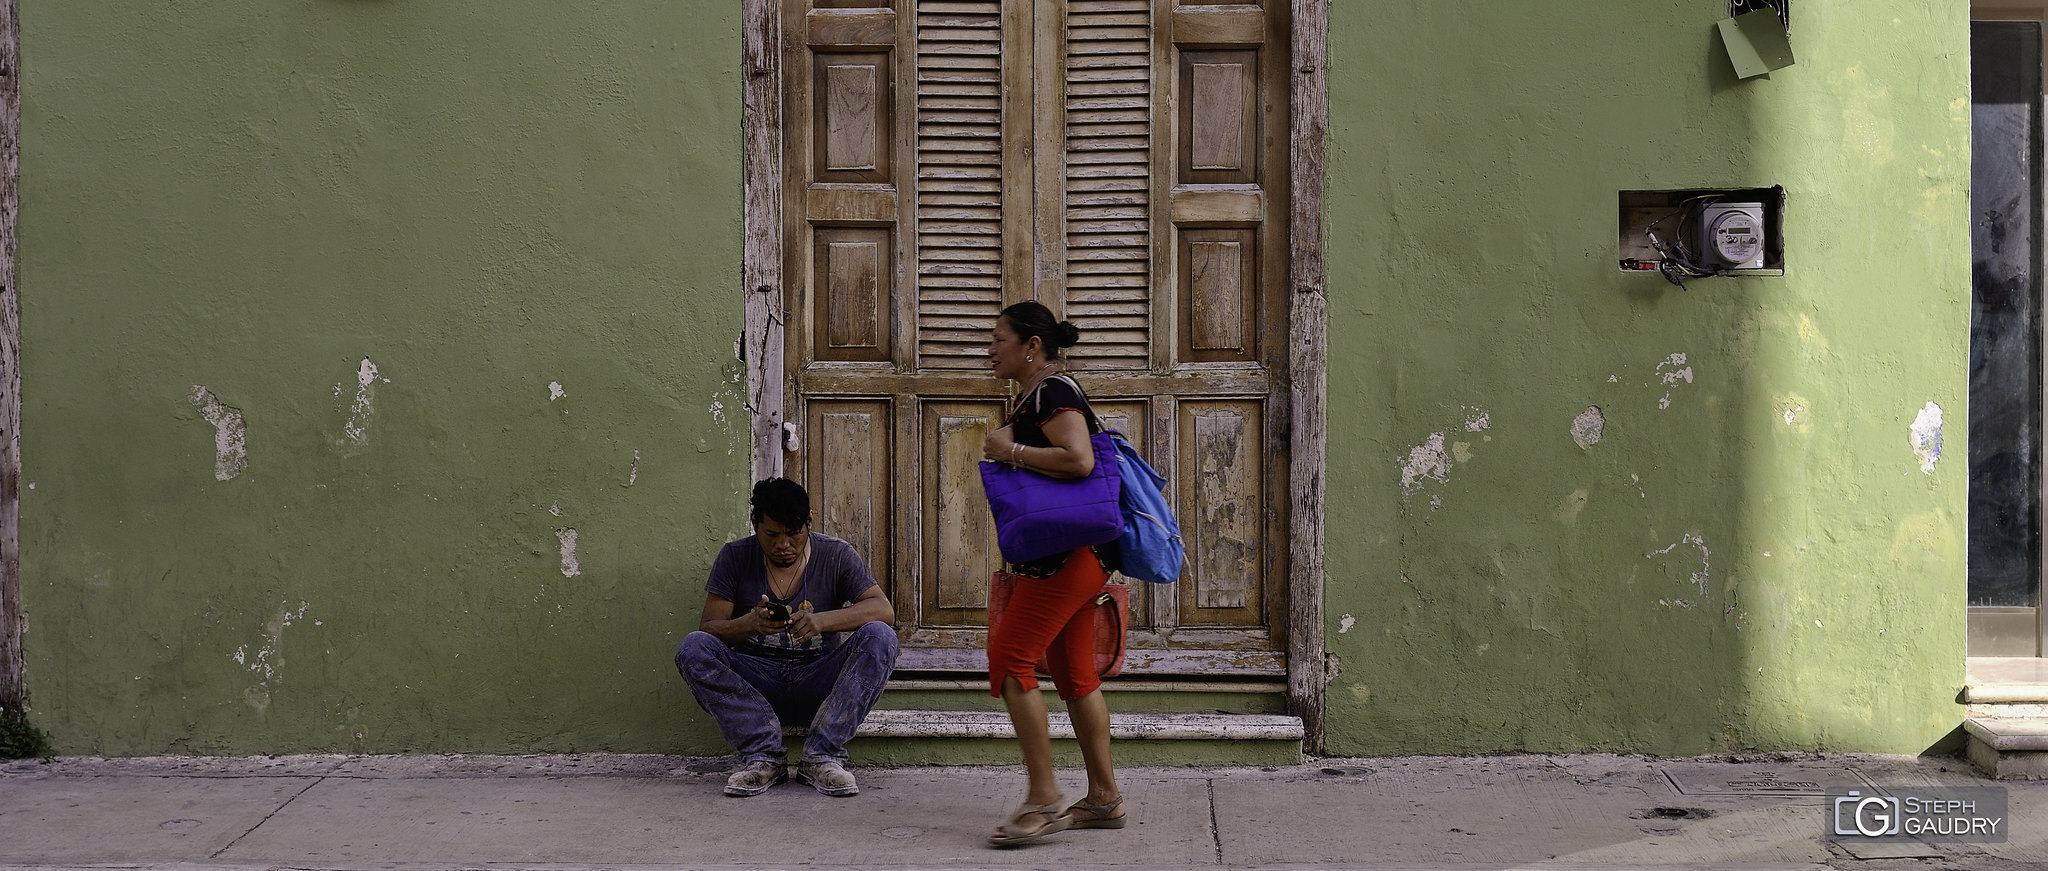 Scène de rue à Campeche